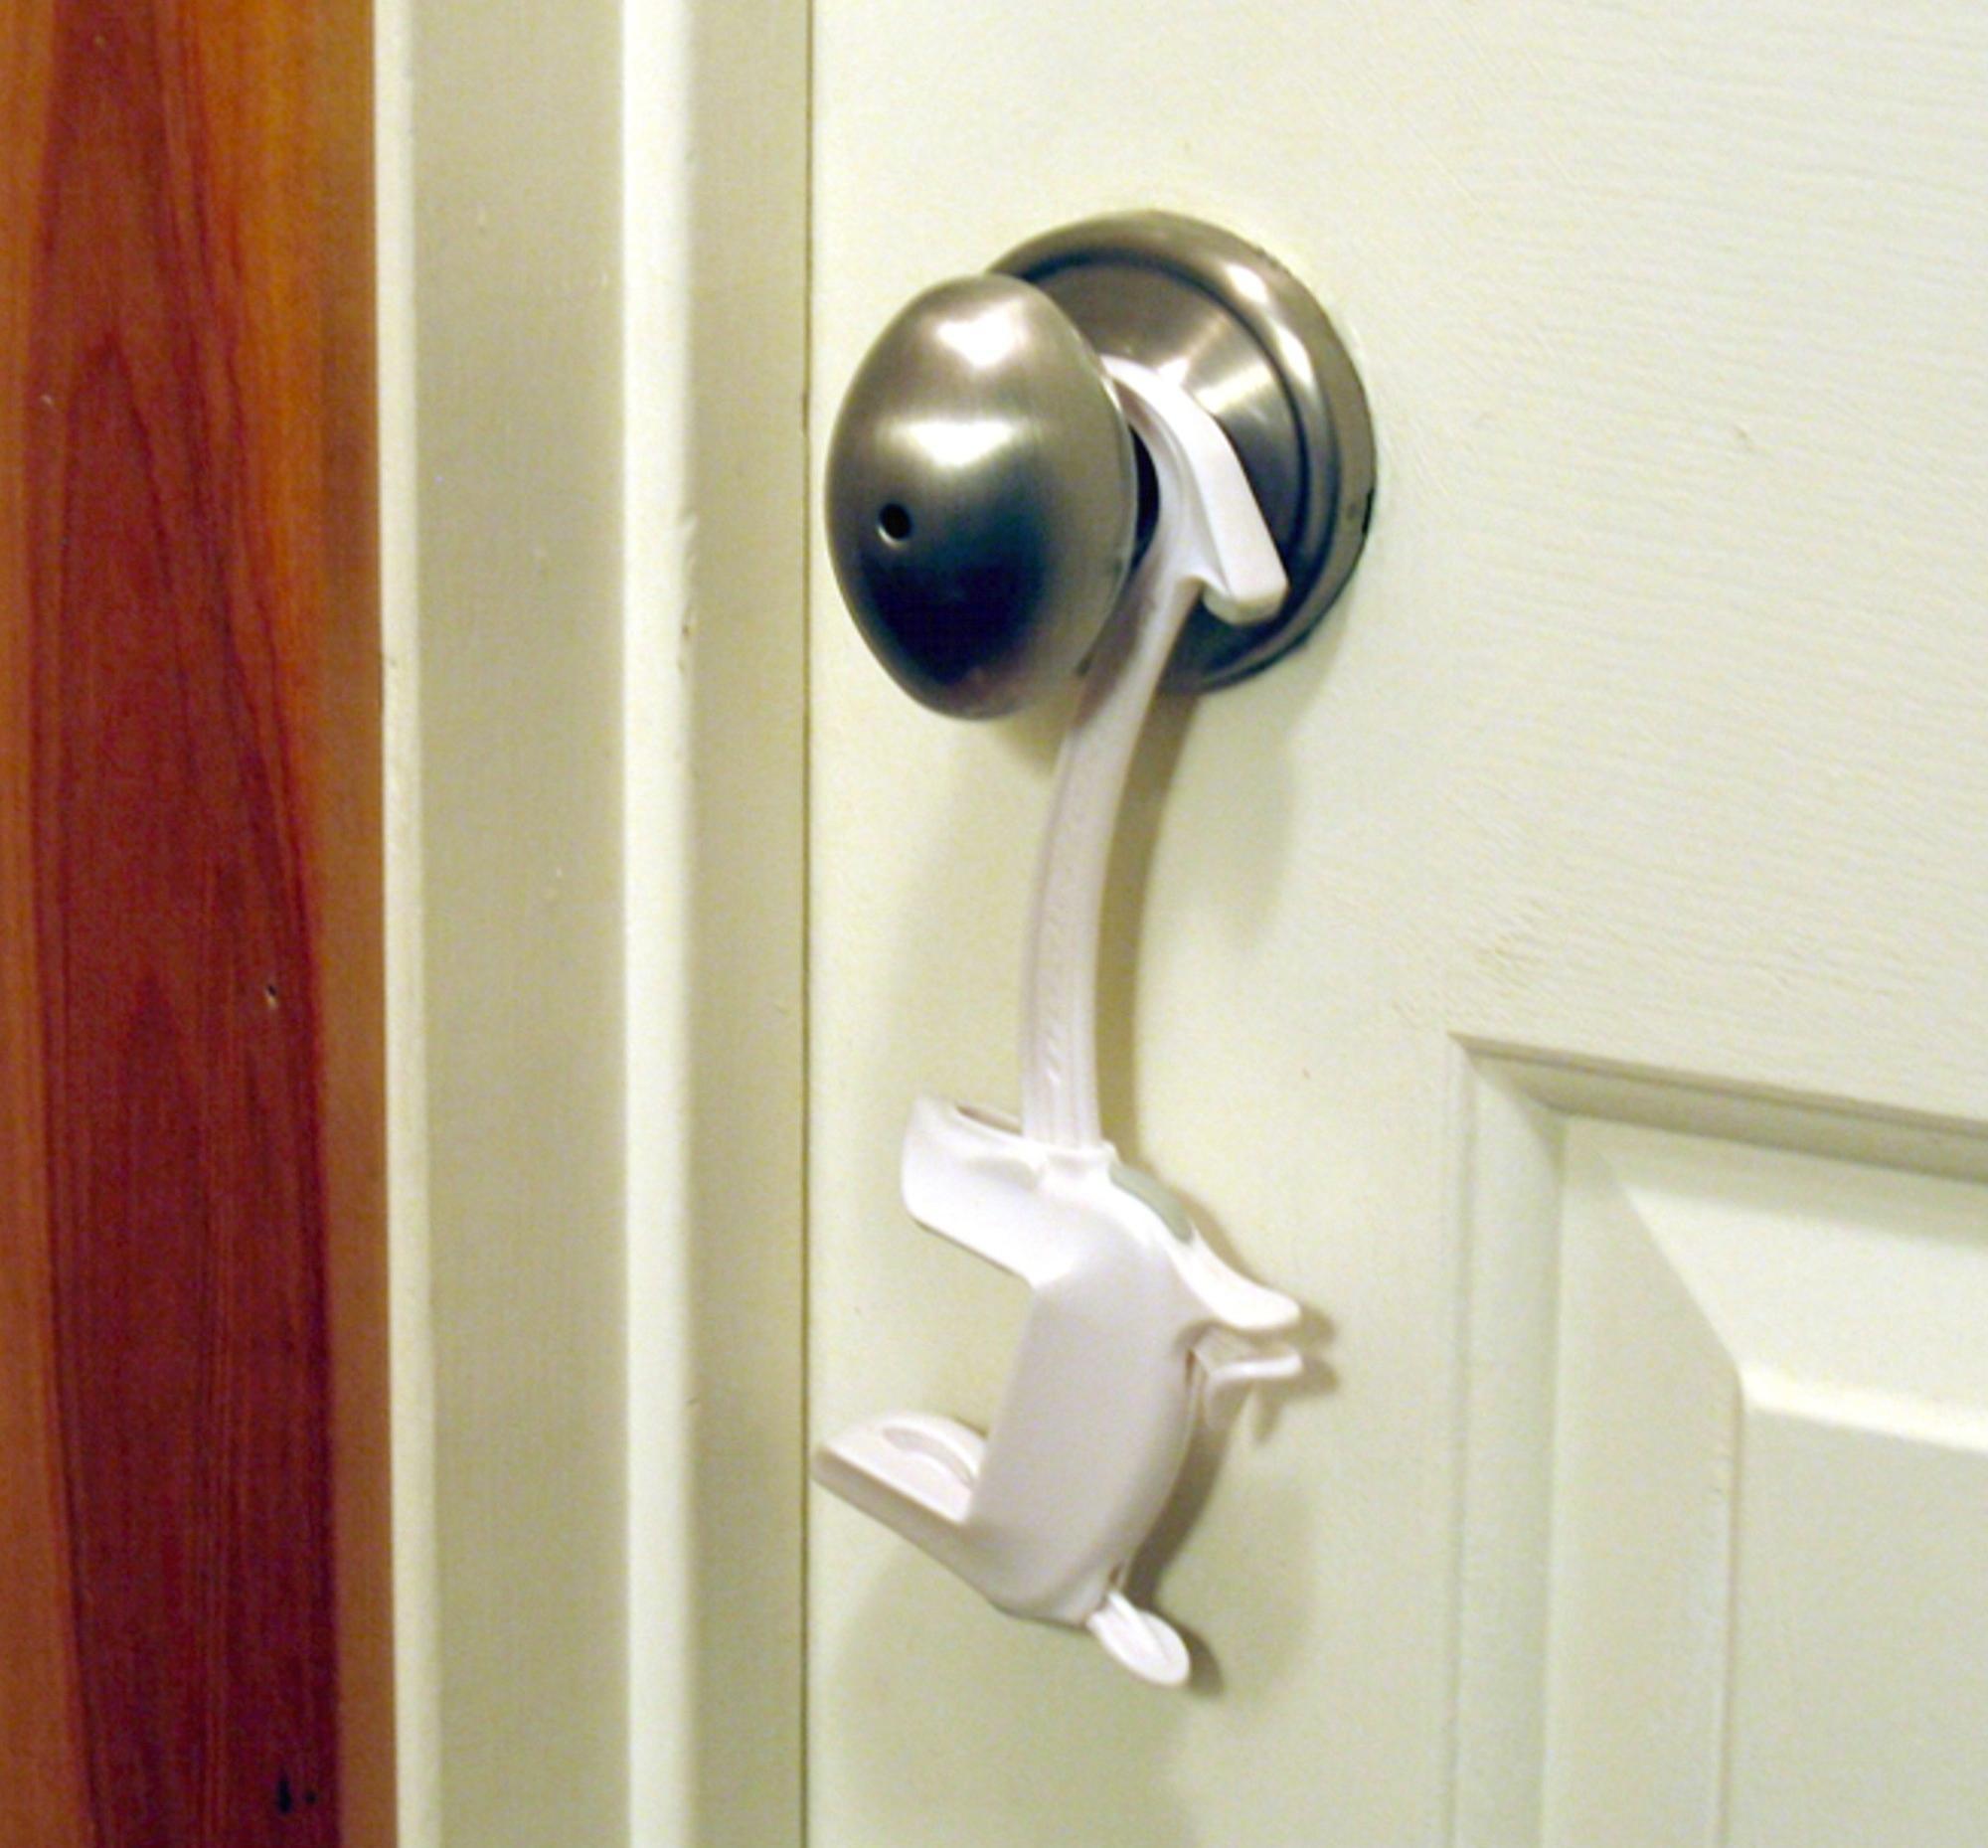 child safety door knobs photo - 9